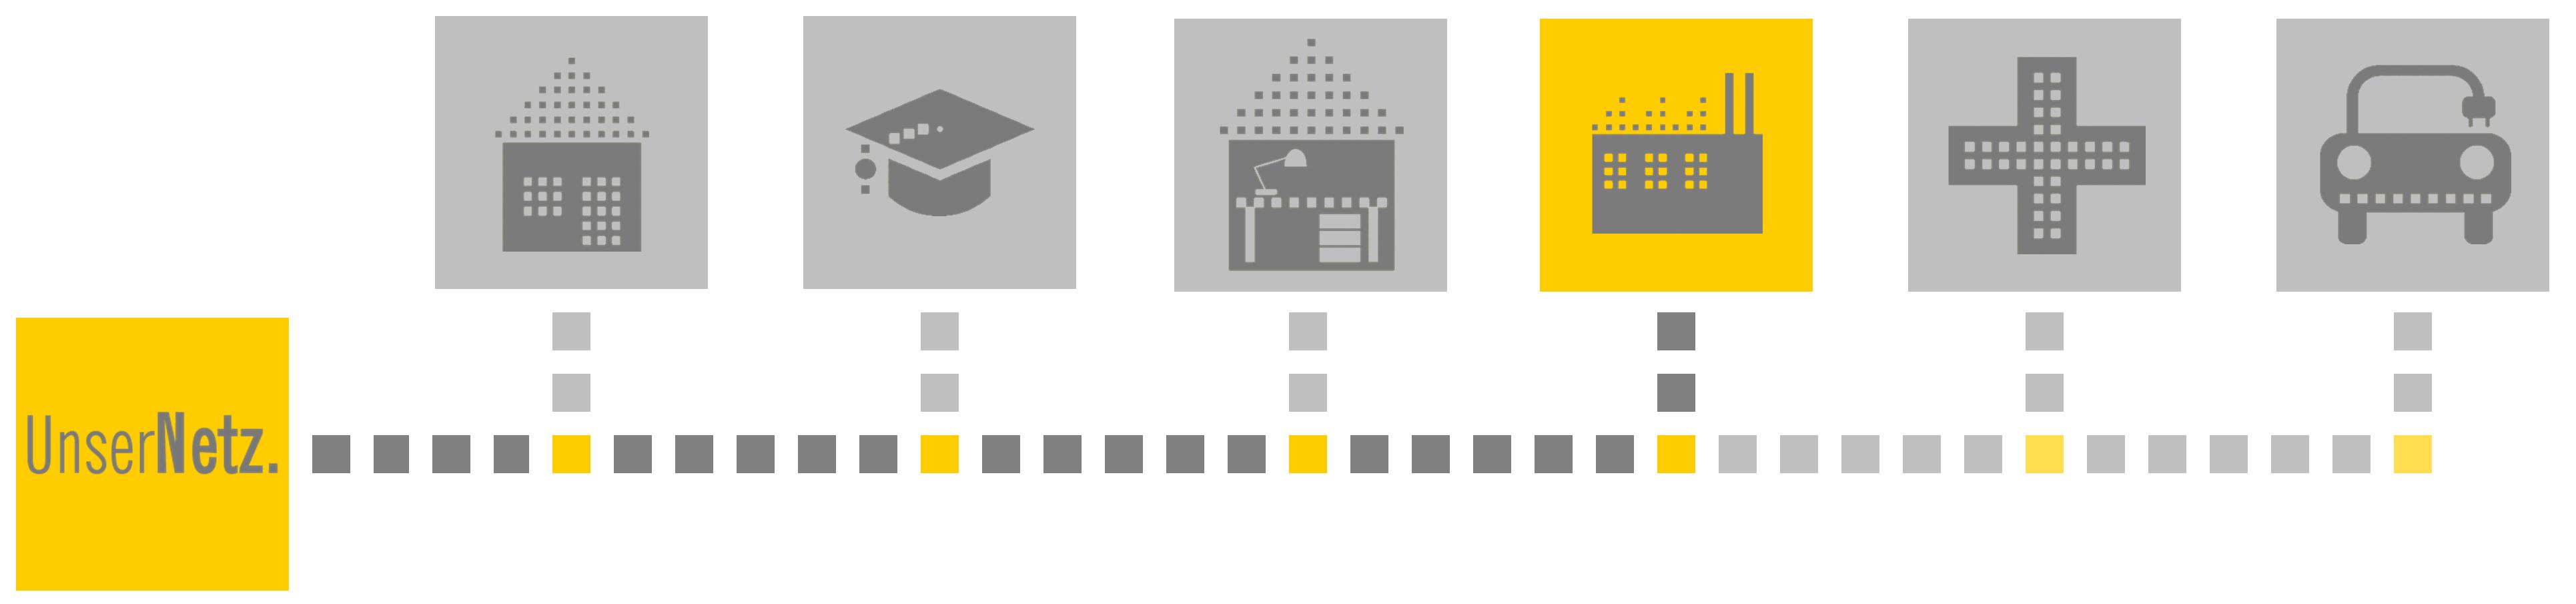 Icons-UnserNetz_Wirtschaft